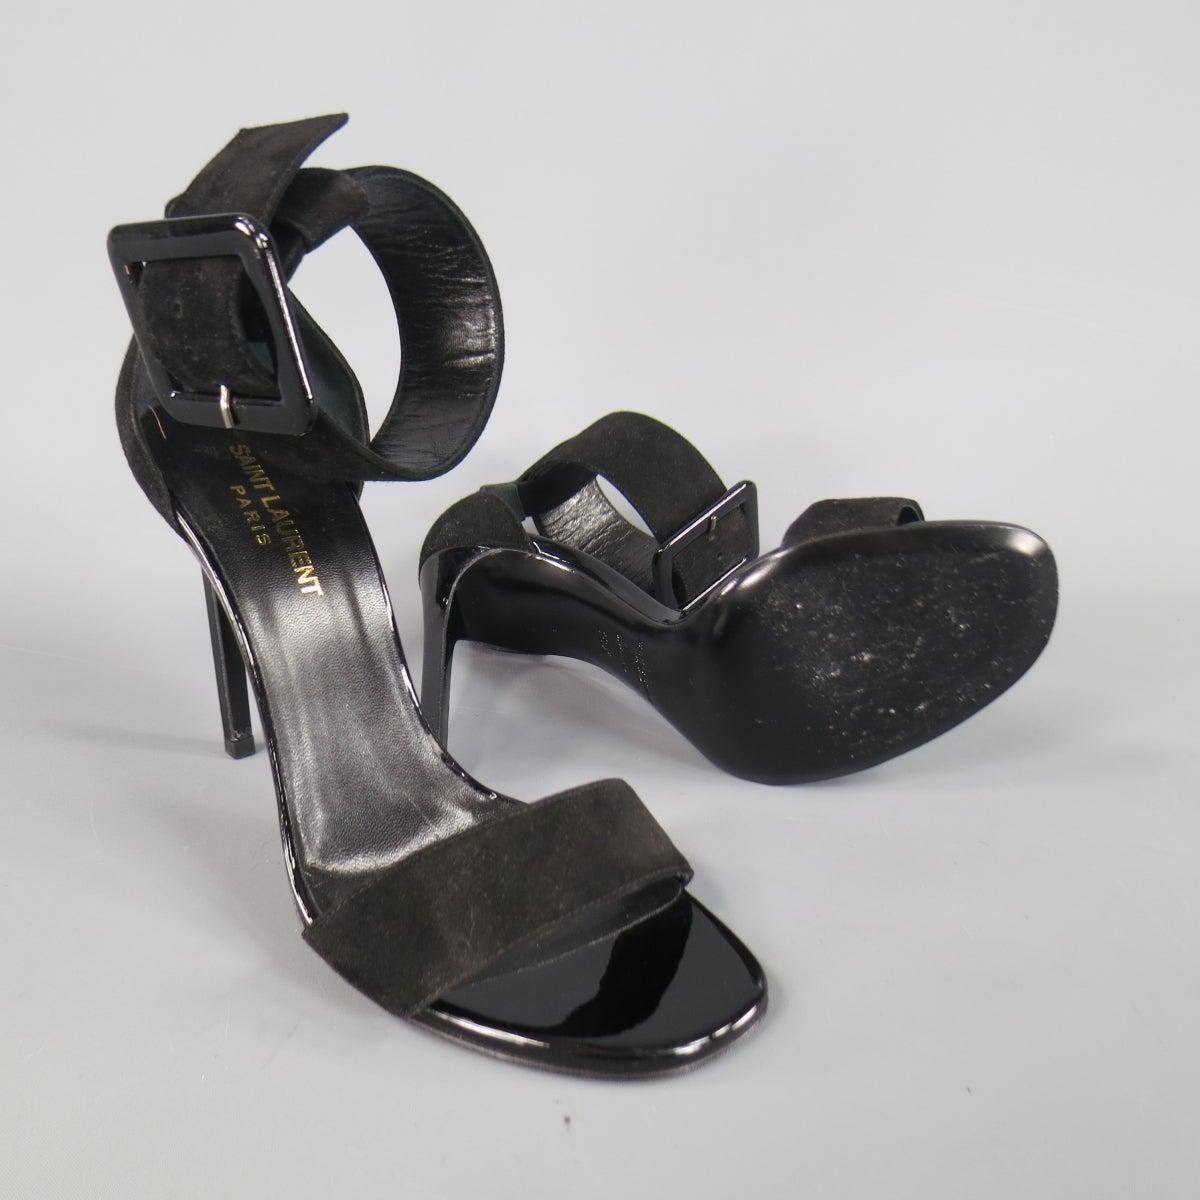 751b97506bd SAINT LAURENT 8.5 Black Suede Oversized Belt Buckle Ankle Strap Jane 105  Sandals at 1stdibs